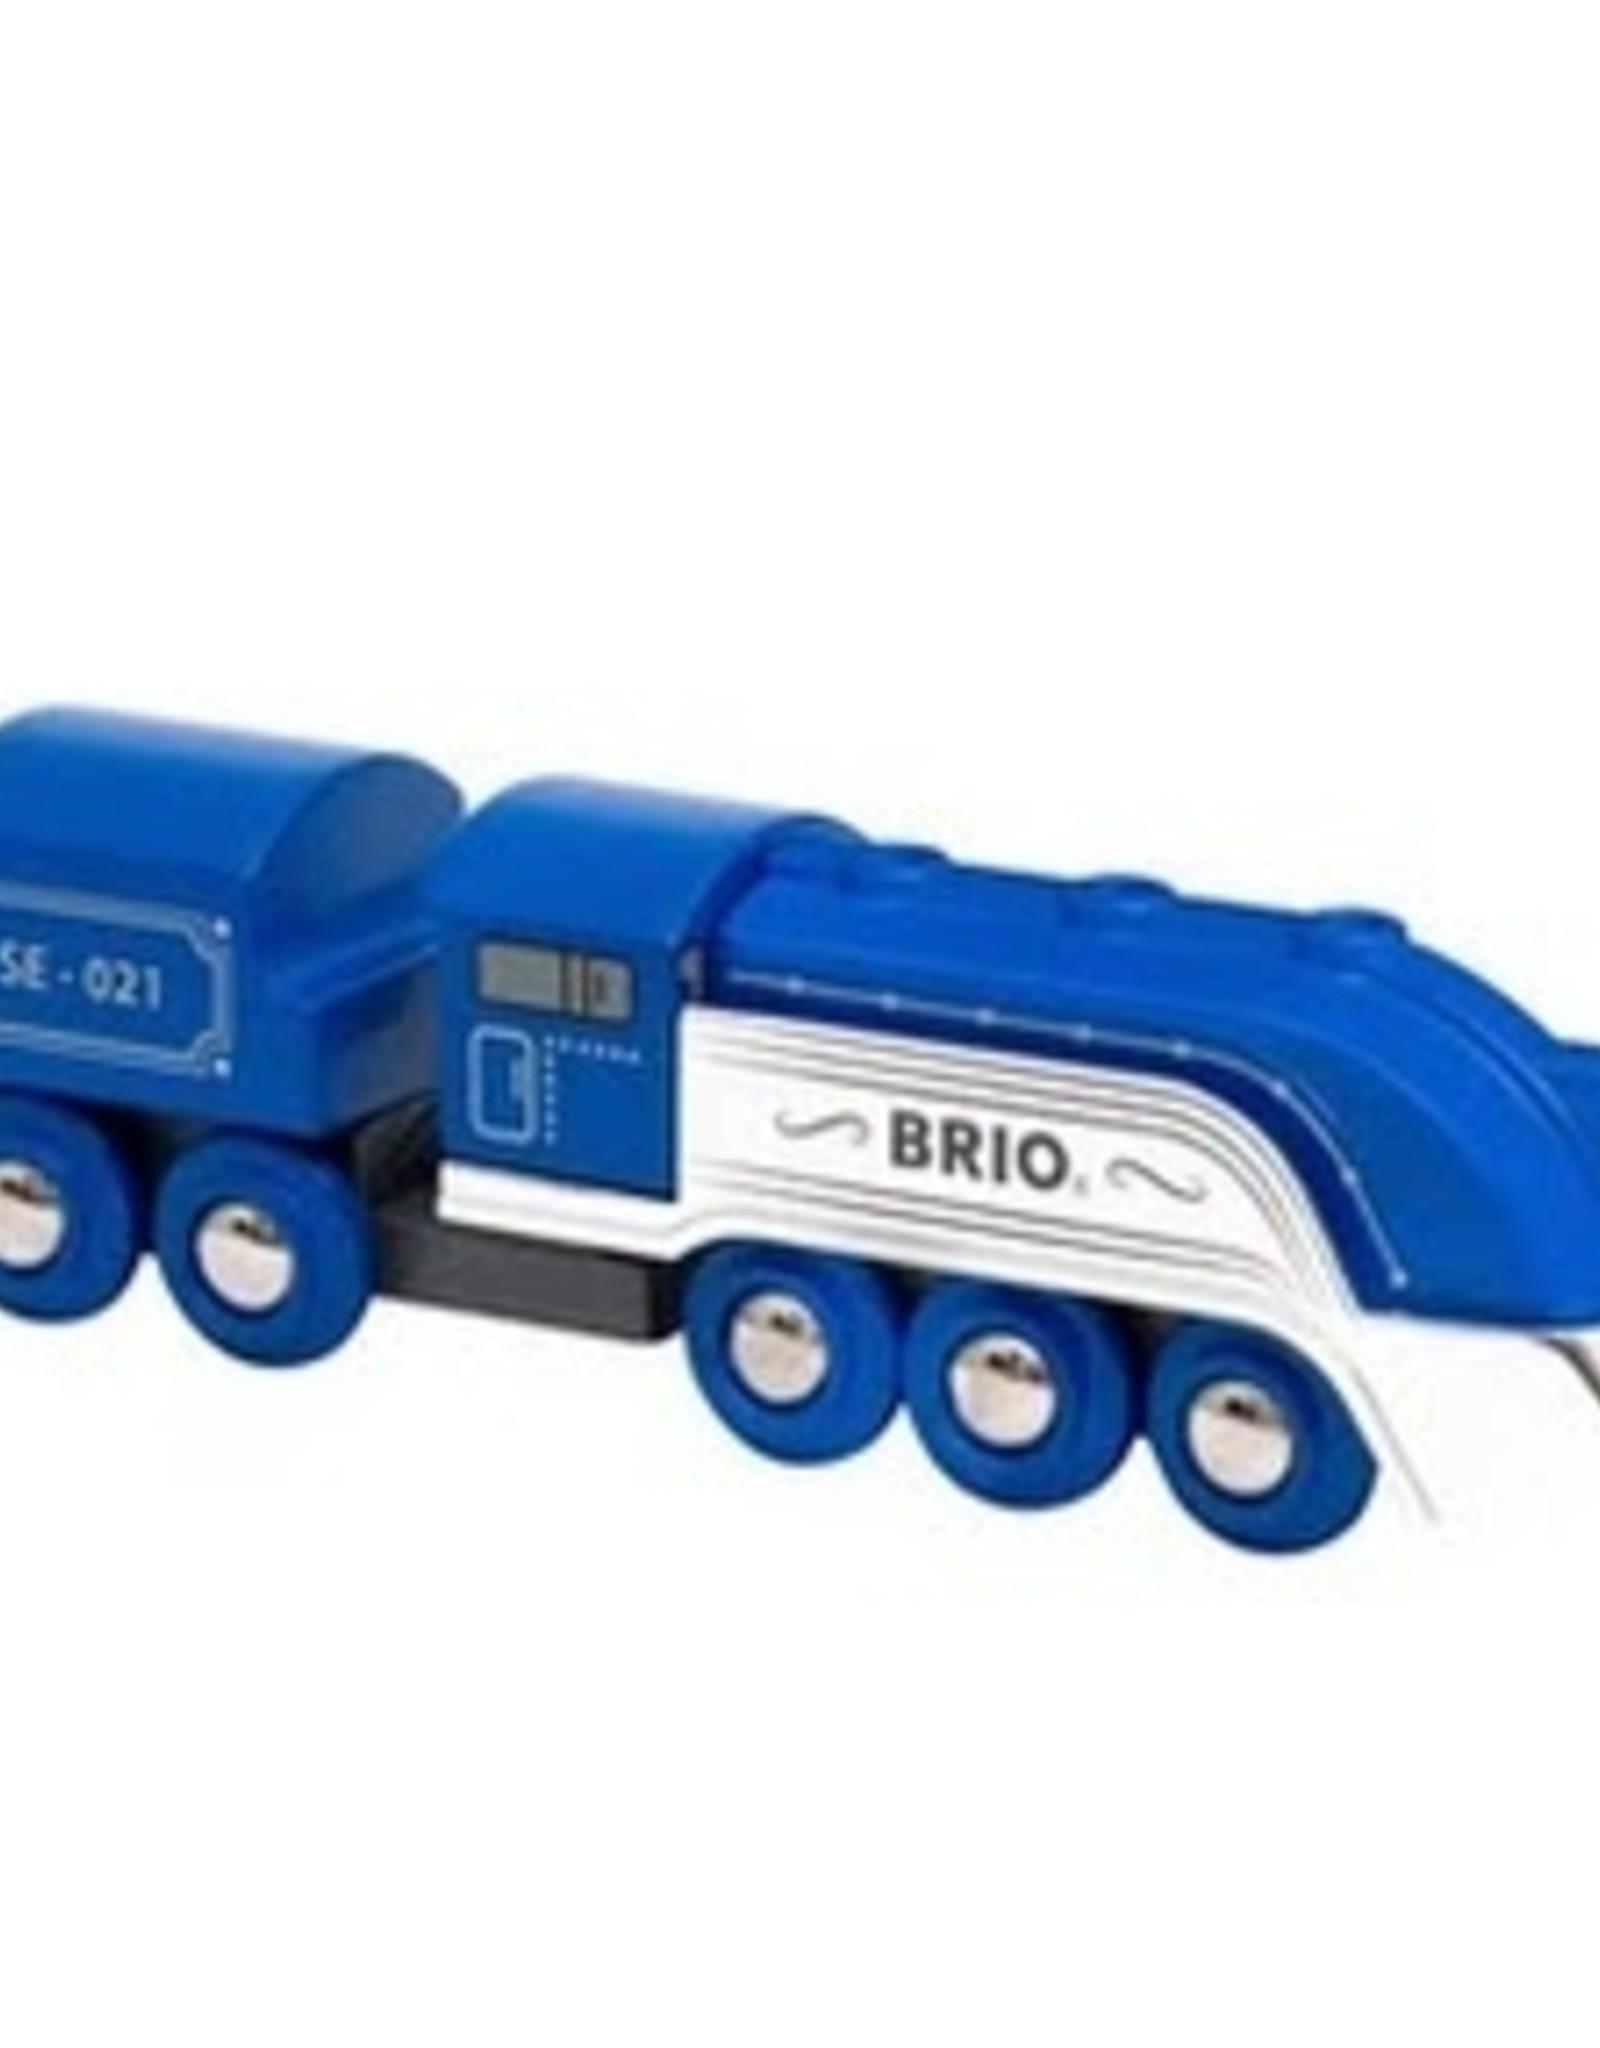 Brio BRIO - Special Edition Train